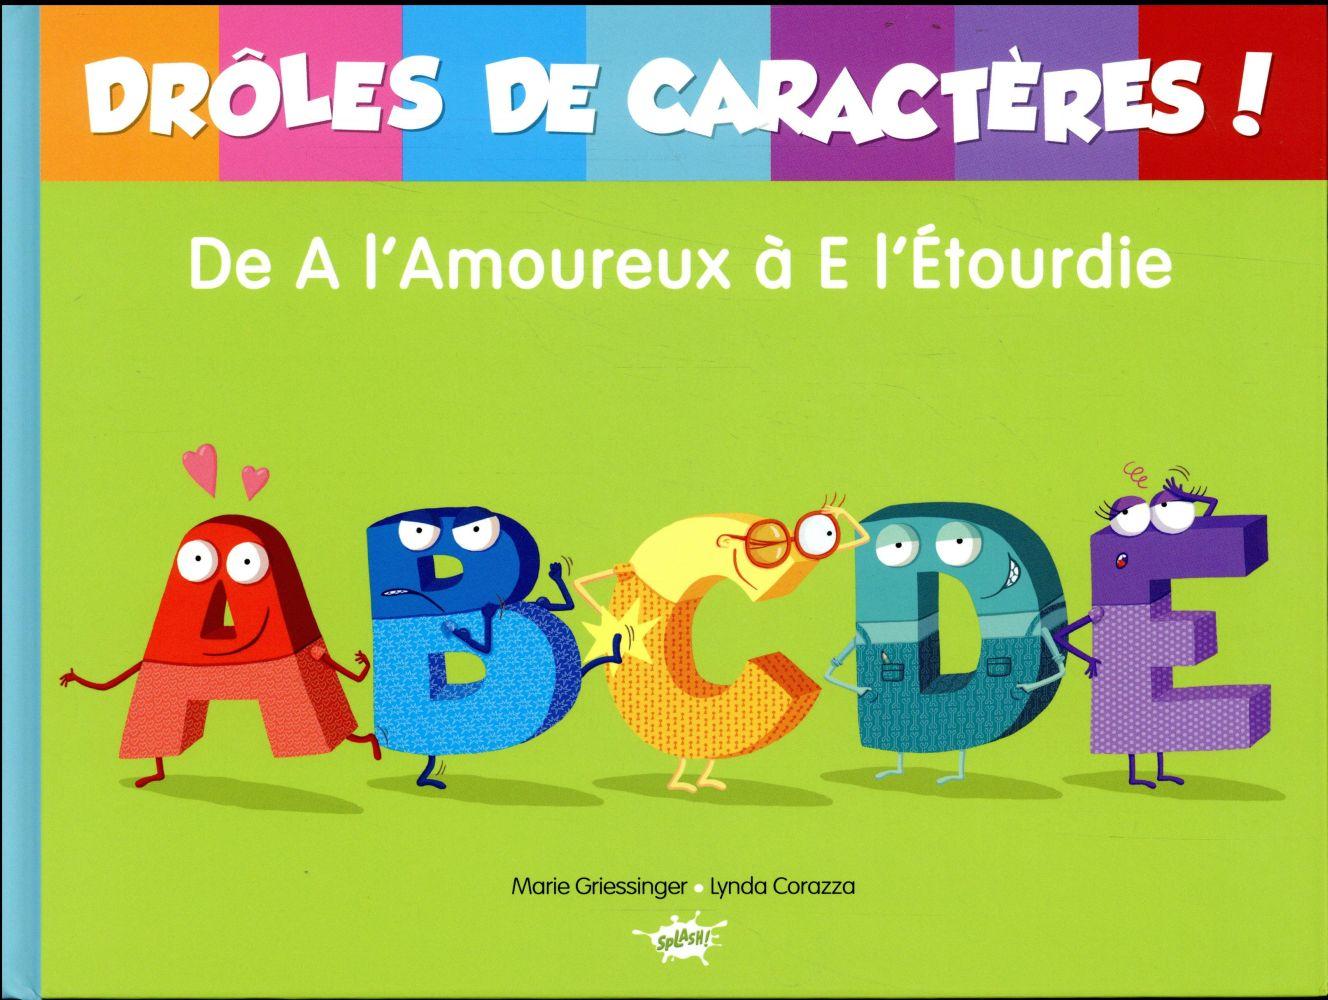 DROLE DE CARACTERES - DE A L'AMOUREUX A E L'ETOURDIE